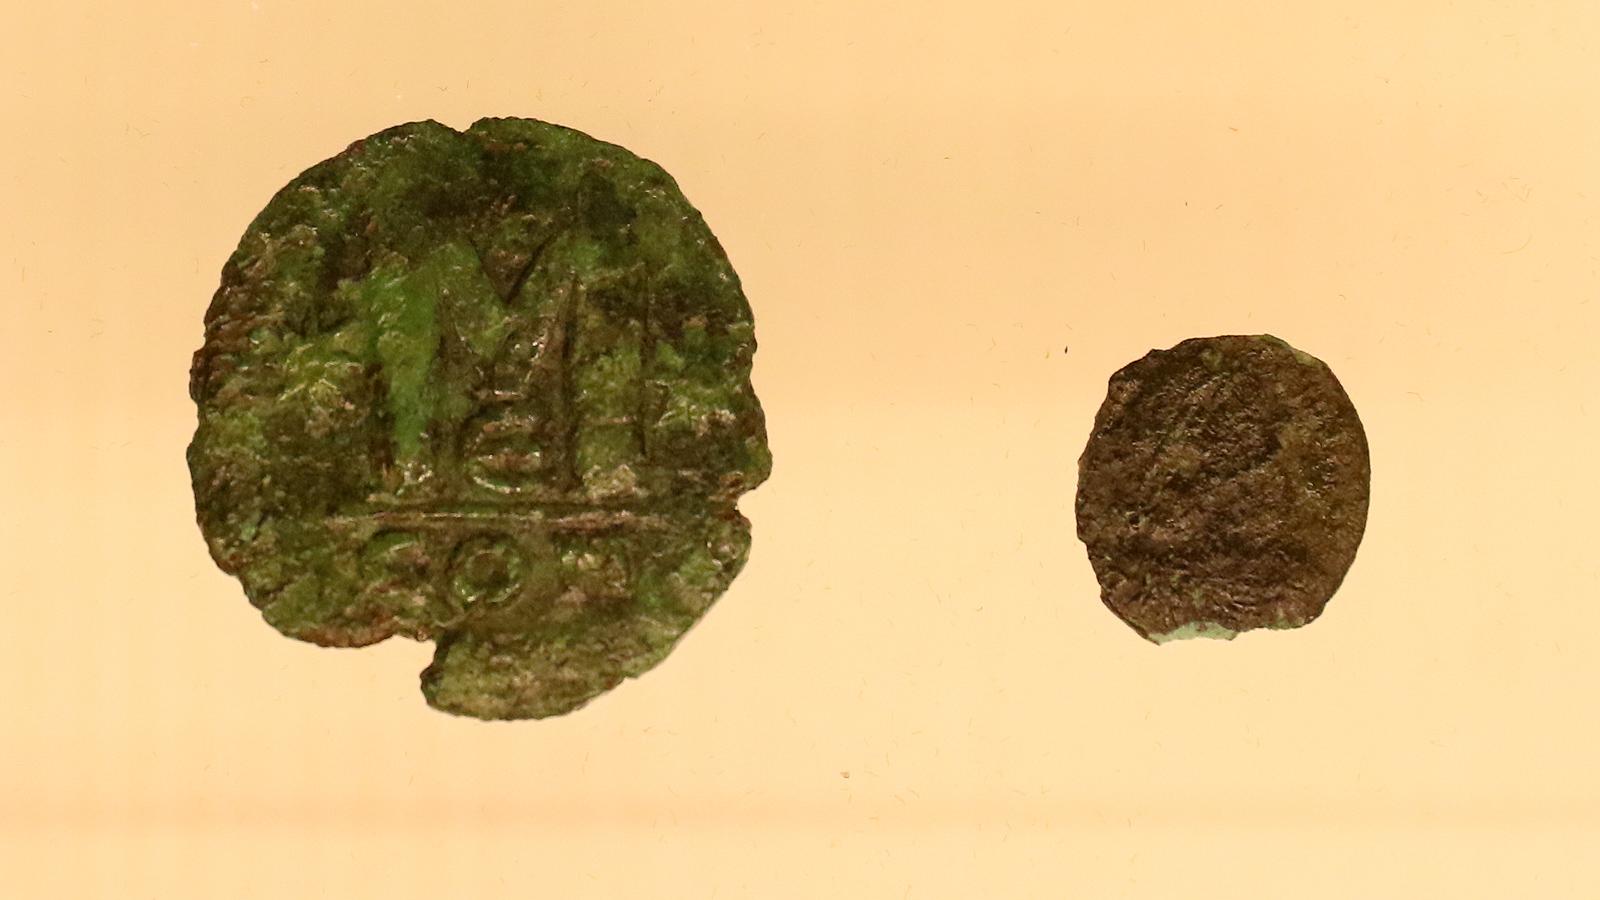 Някои от най-впечатляващите находки са костено шило с врязана украса от късния палеолит от пещера Редака, костена игла за татуиране от селищна могила Дуранкулак, богато украсени съдове-урни от некропола на Балей, отлично запазена стъклена амфора от Покровник, глава от мраморна женска статуя от Хераклея Синтика и глава от статуя на император Аврелиан от Улпия Ескус, бронзова статуетка на Венера със златна торква от античния Филипополис, стъклени съдове и накити от некропола на Августа Траяна, Стара Загора, златен реликварен кръст от Трапезица, Търново.